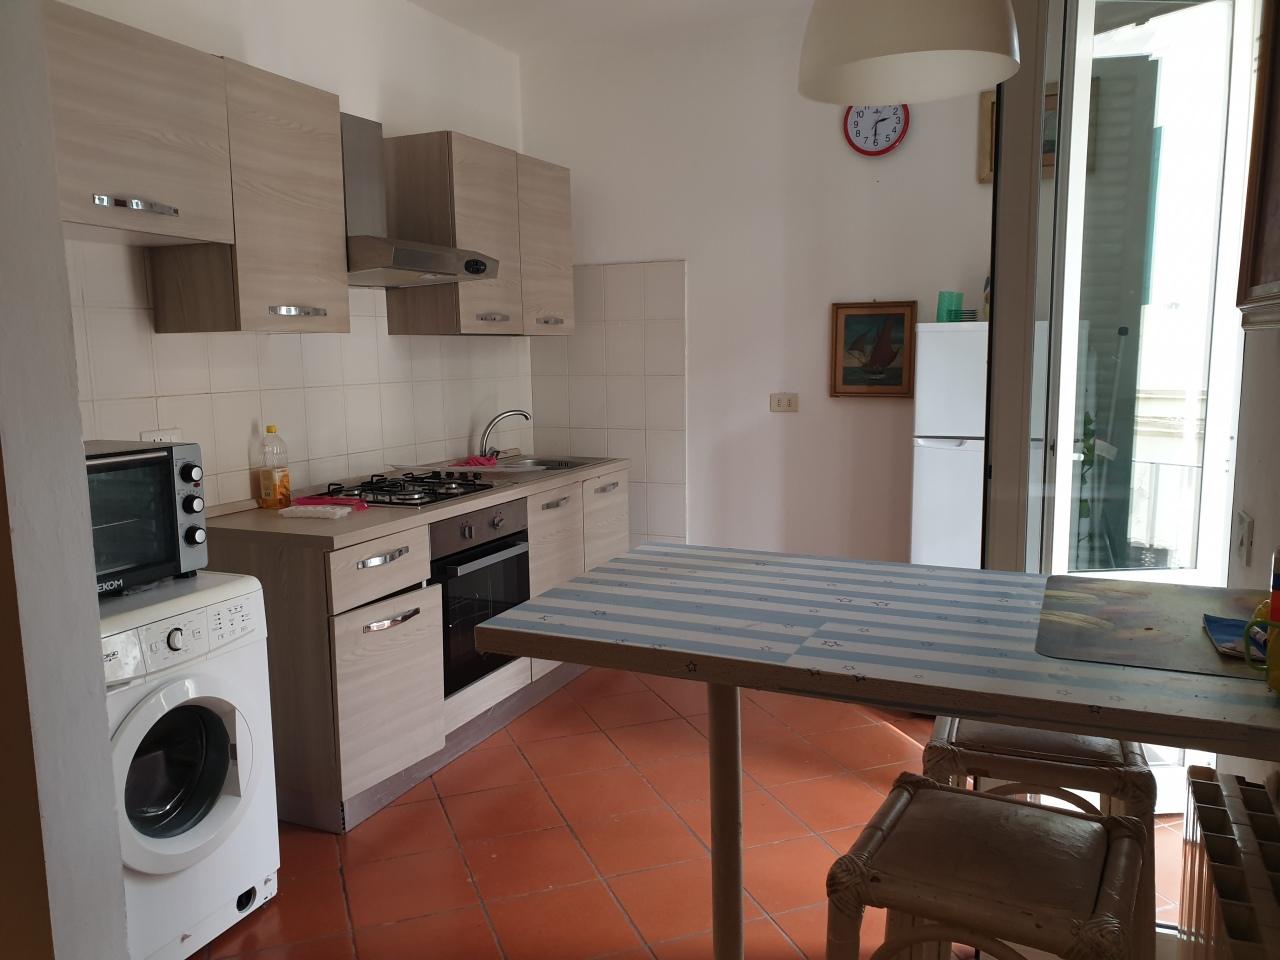 Appartamento in vendita a Viareggio, 3 locali, prezzo € 310.000   CambioCasa.it